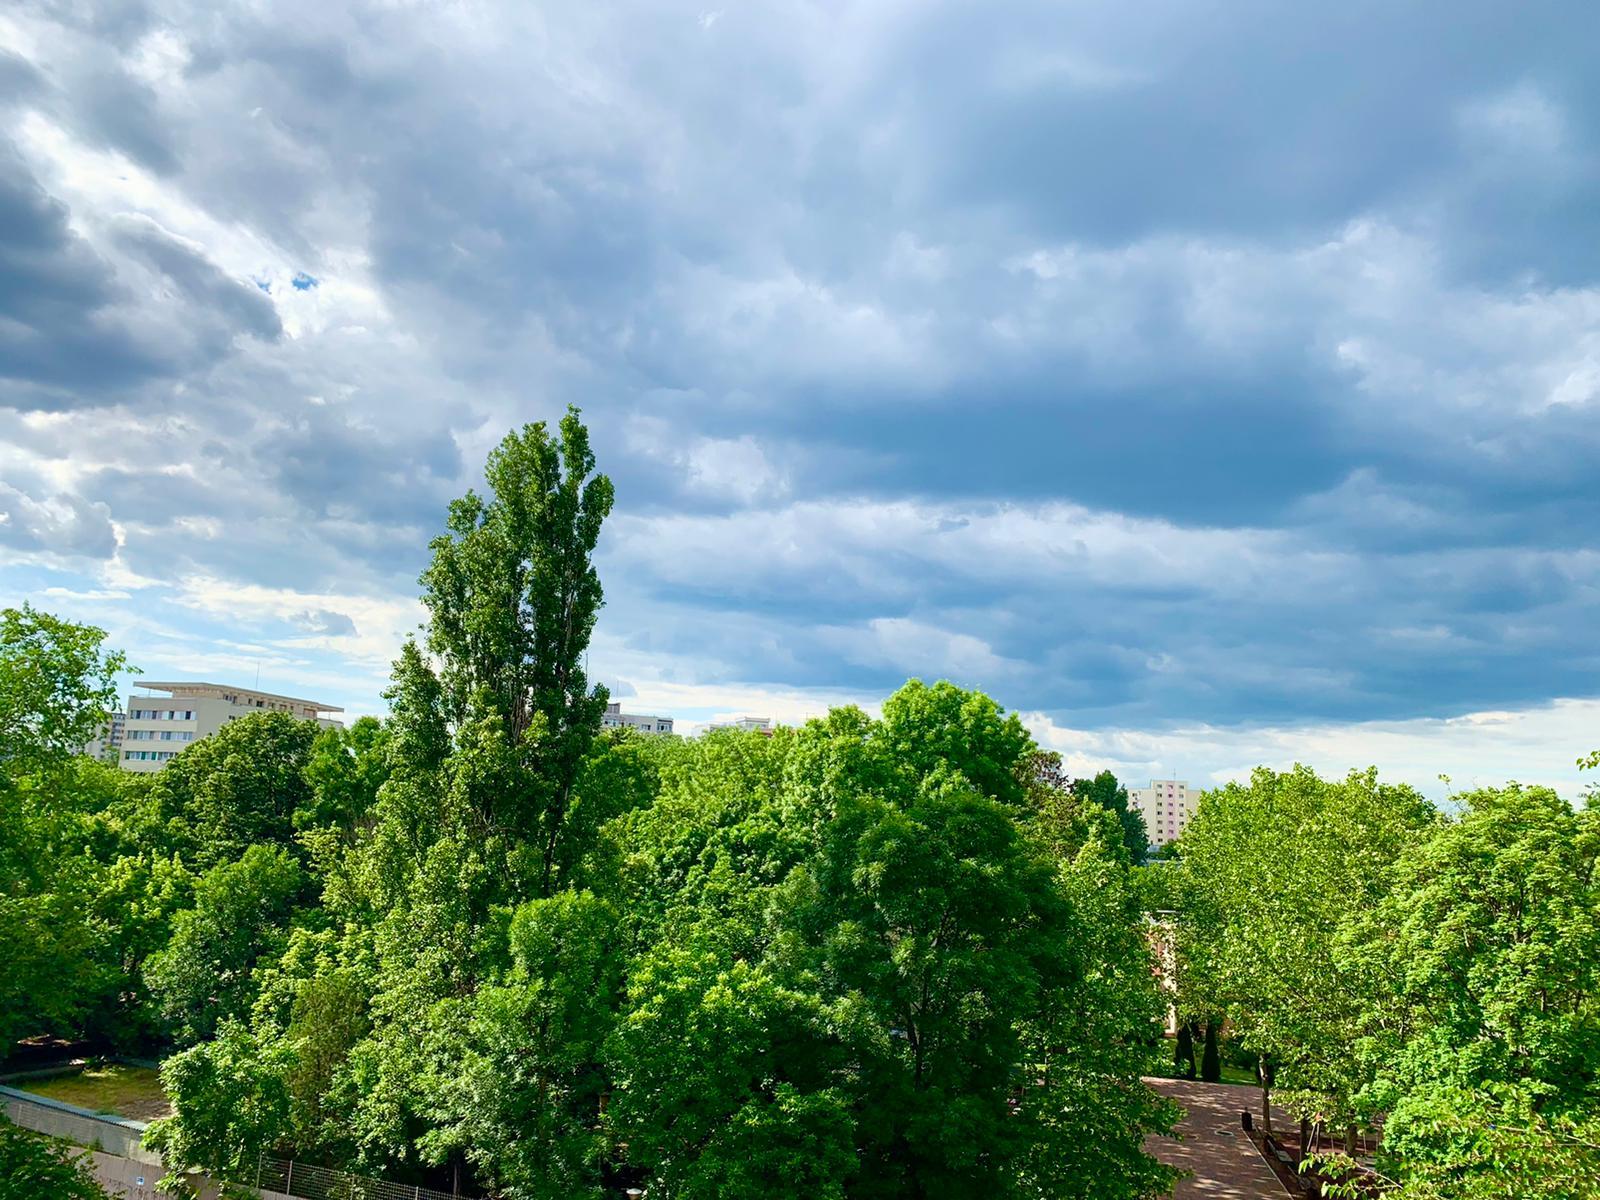 Prognoza meteo. Temperaturile se apropie de normalul acestei perioade, dar ploile încă nu dispar